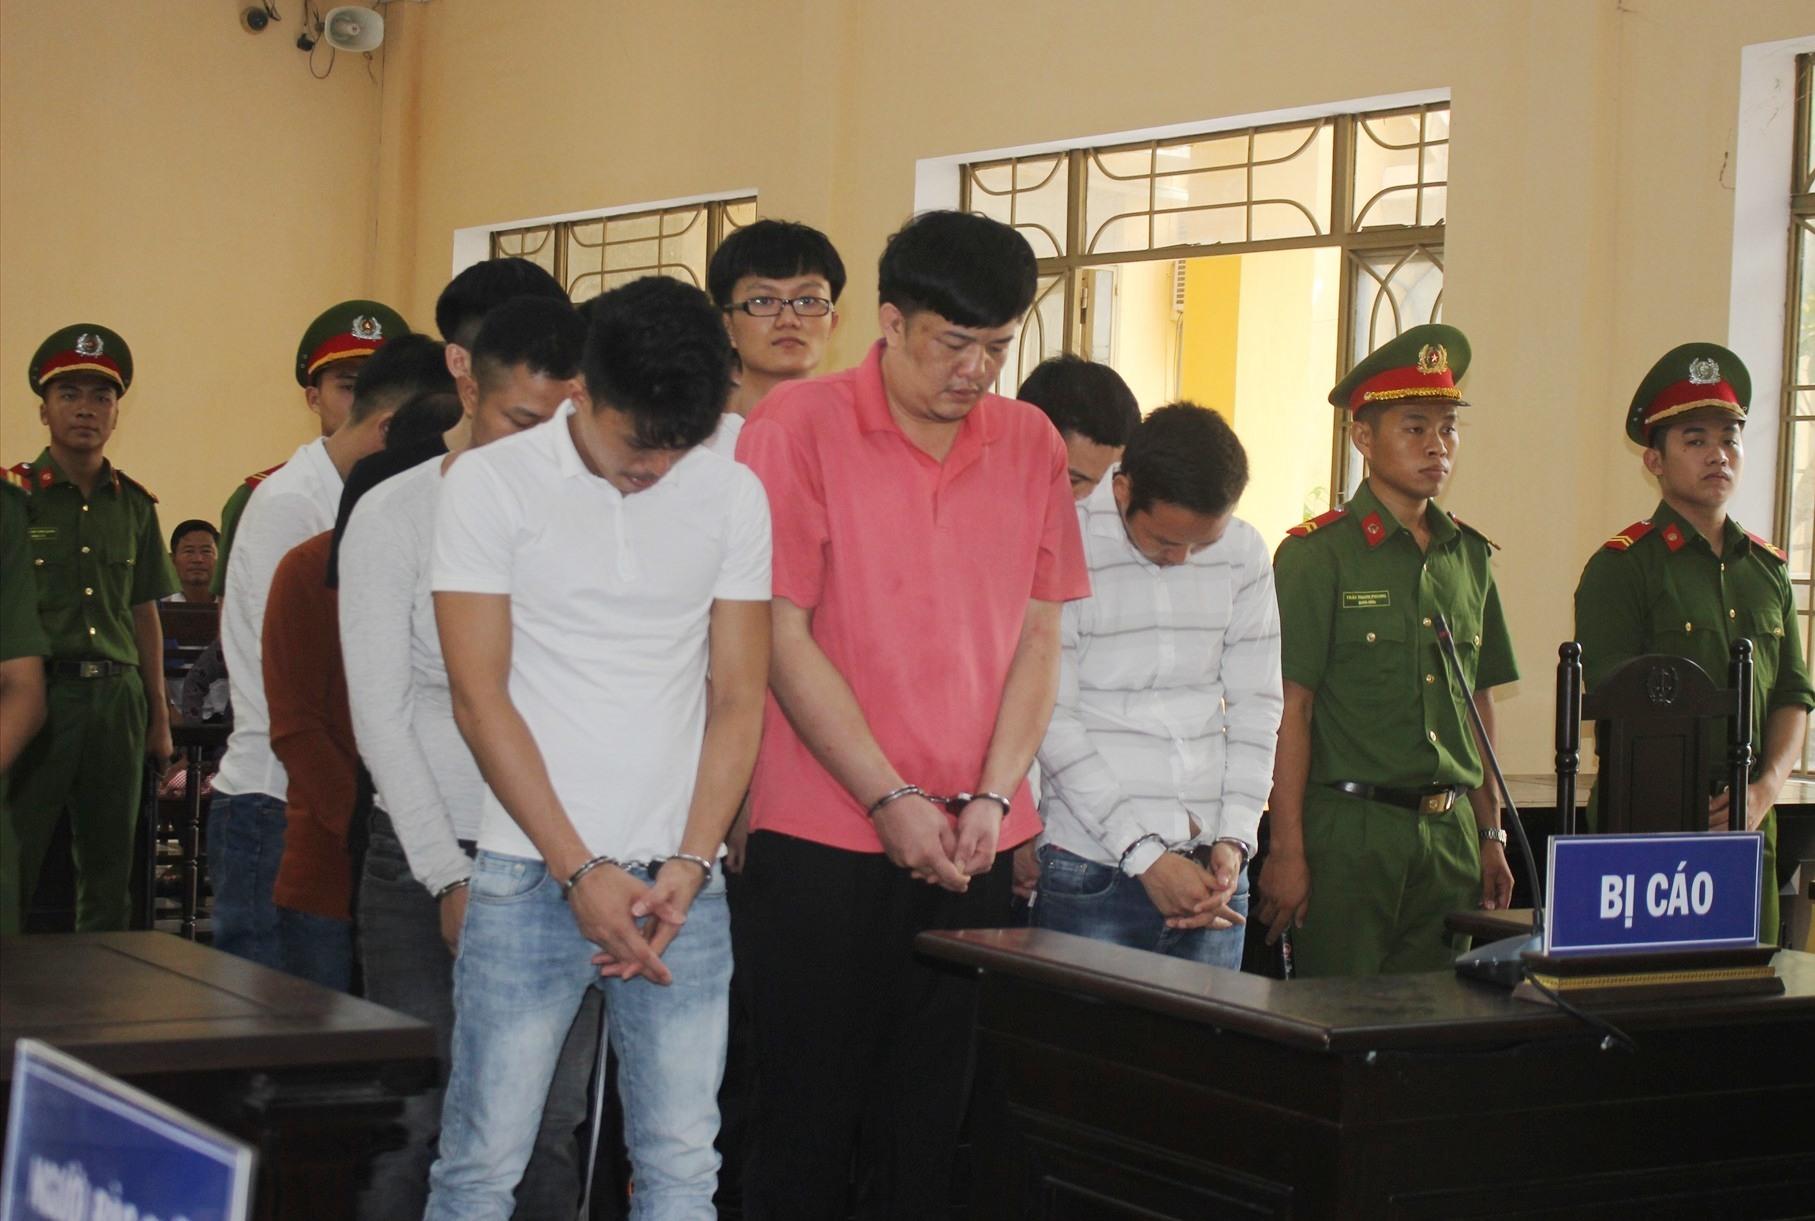 Các bị cáo tại tòa. Ảnh: Đ.C